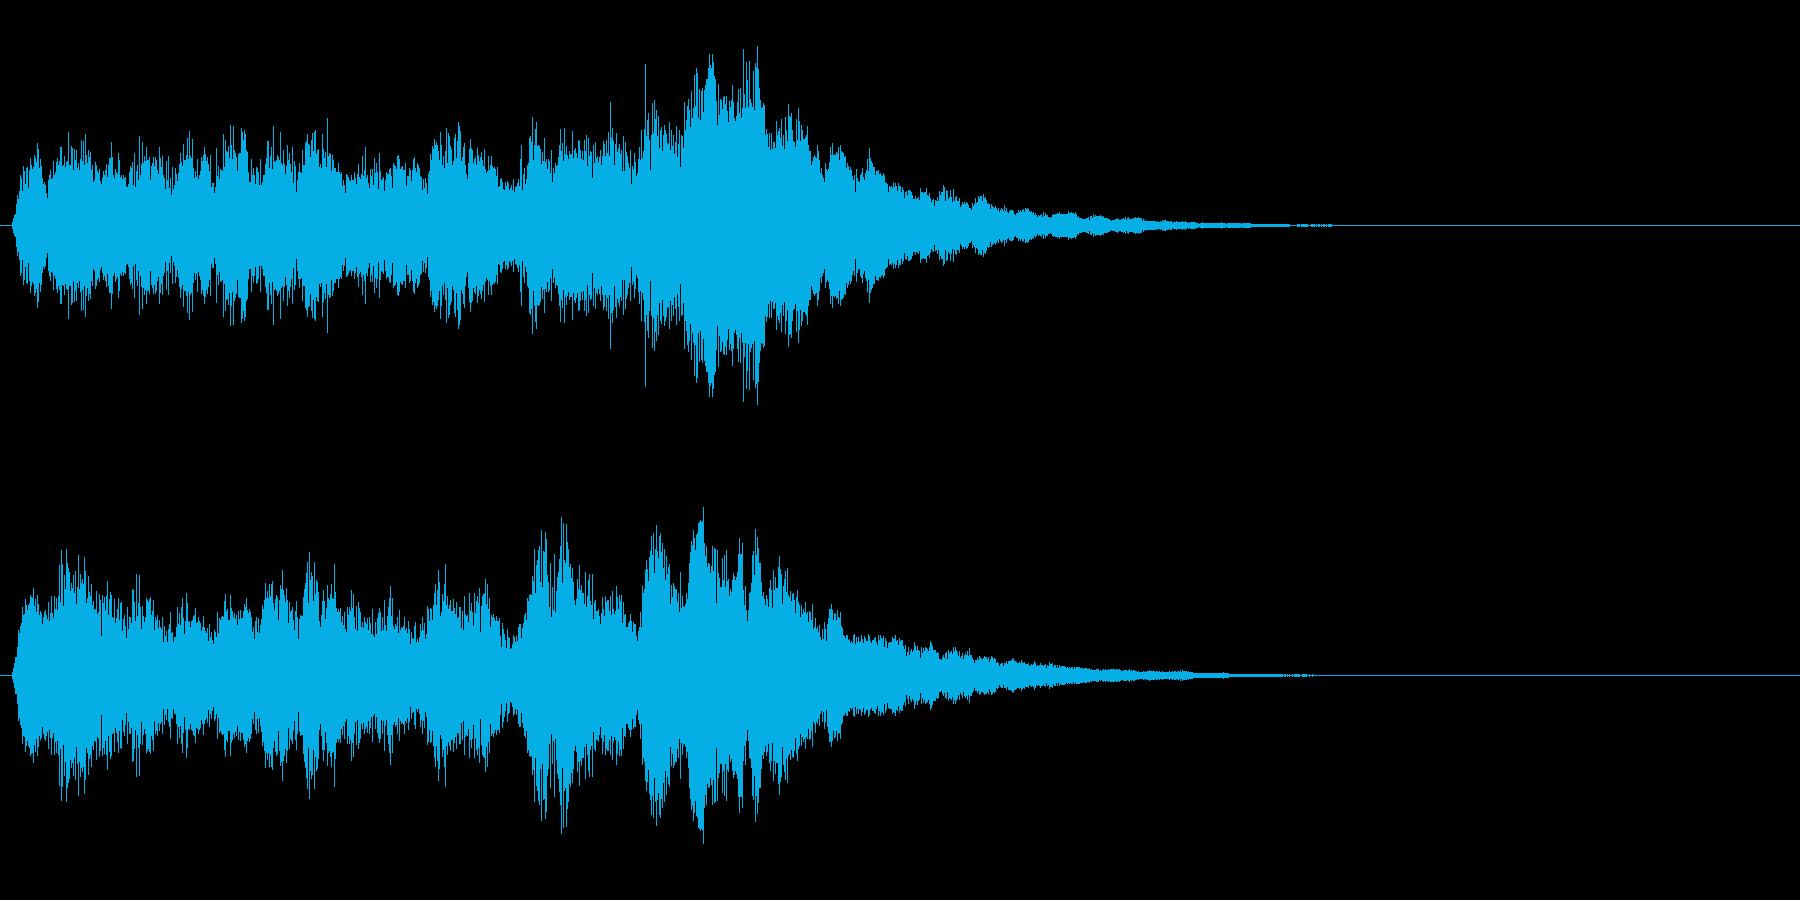 ベル音↑上昇フレーズ レベルアップなどの再生済みの波形